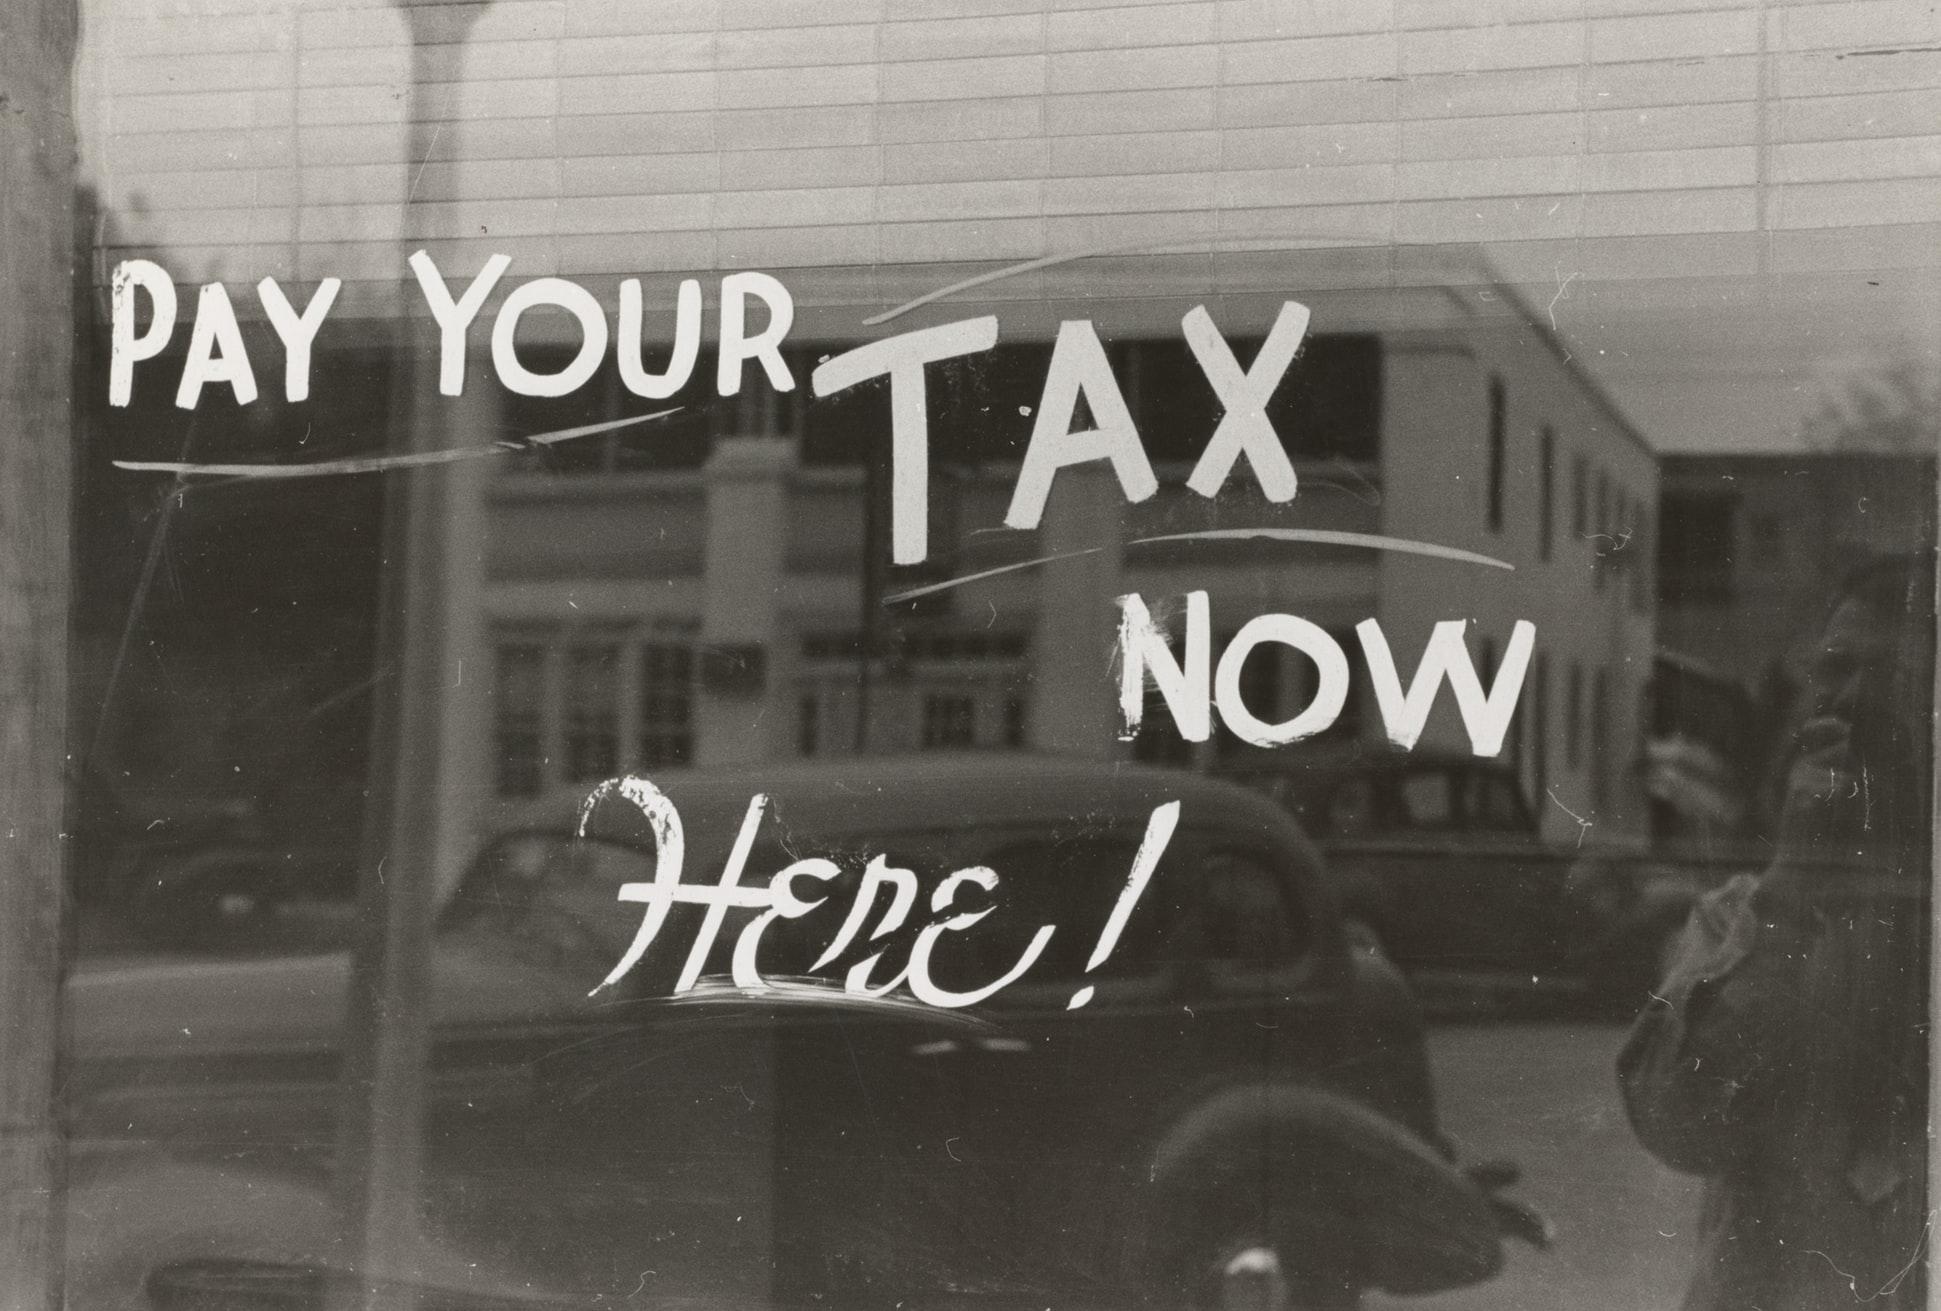 La déclaration tacite de l'impôt sur le revenu c'est dès cette année